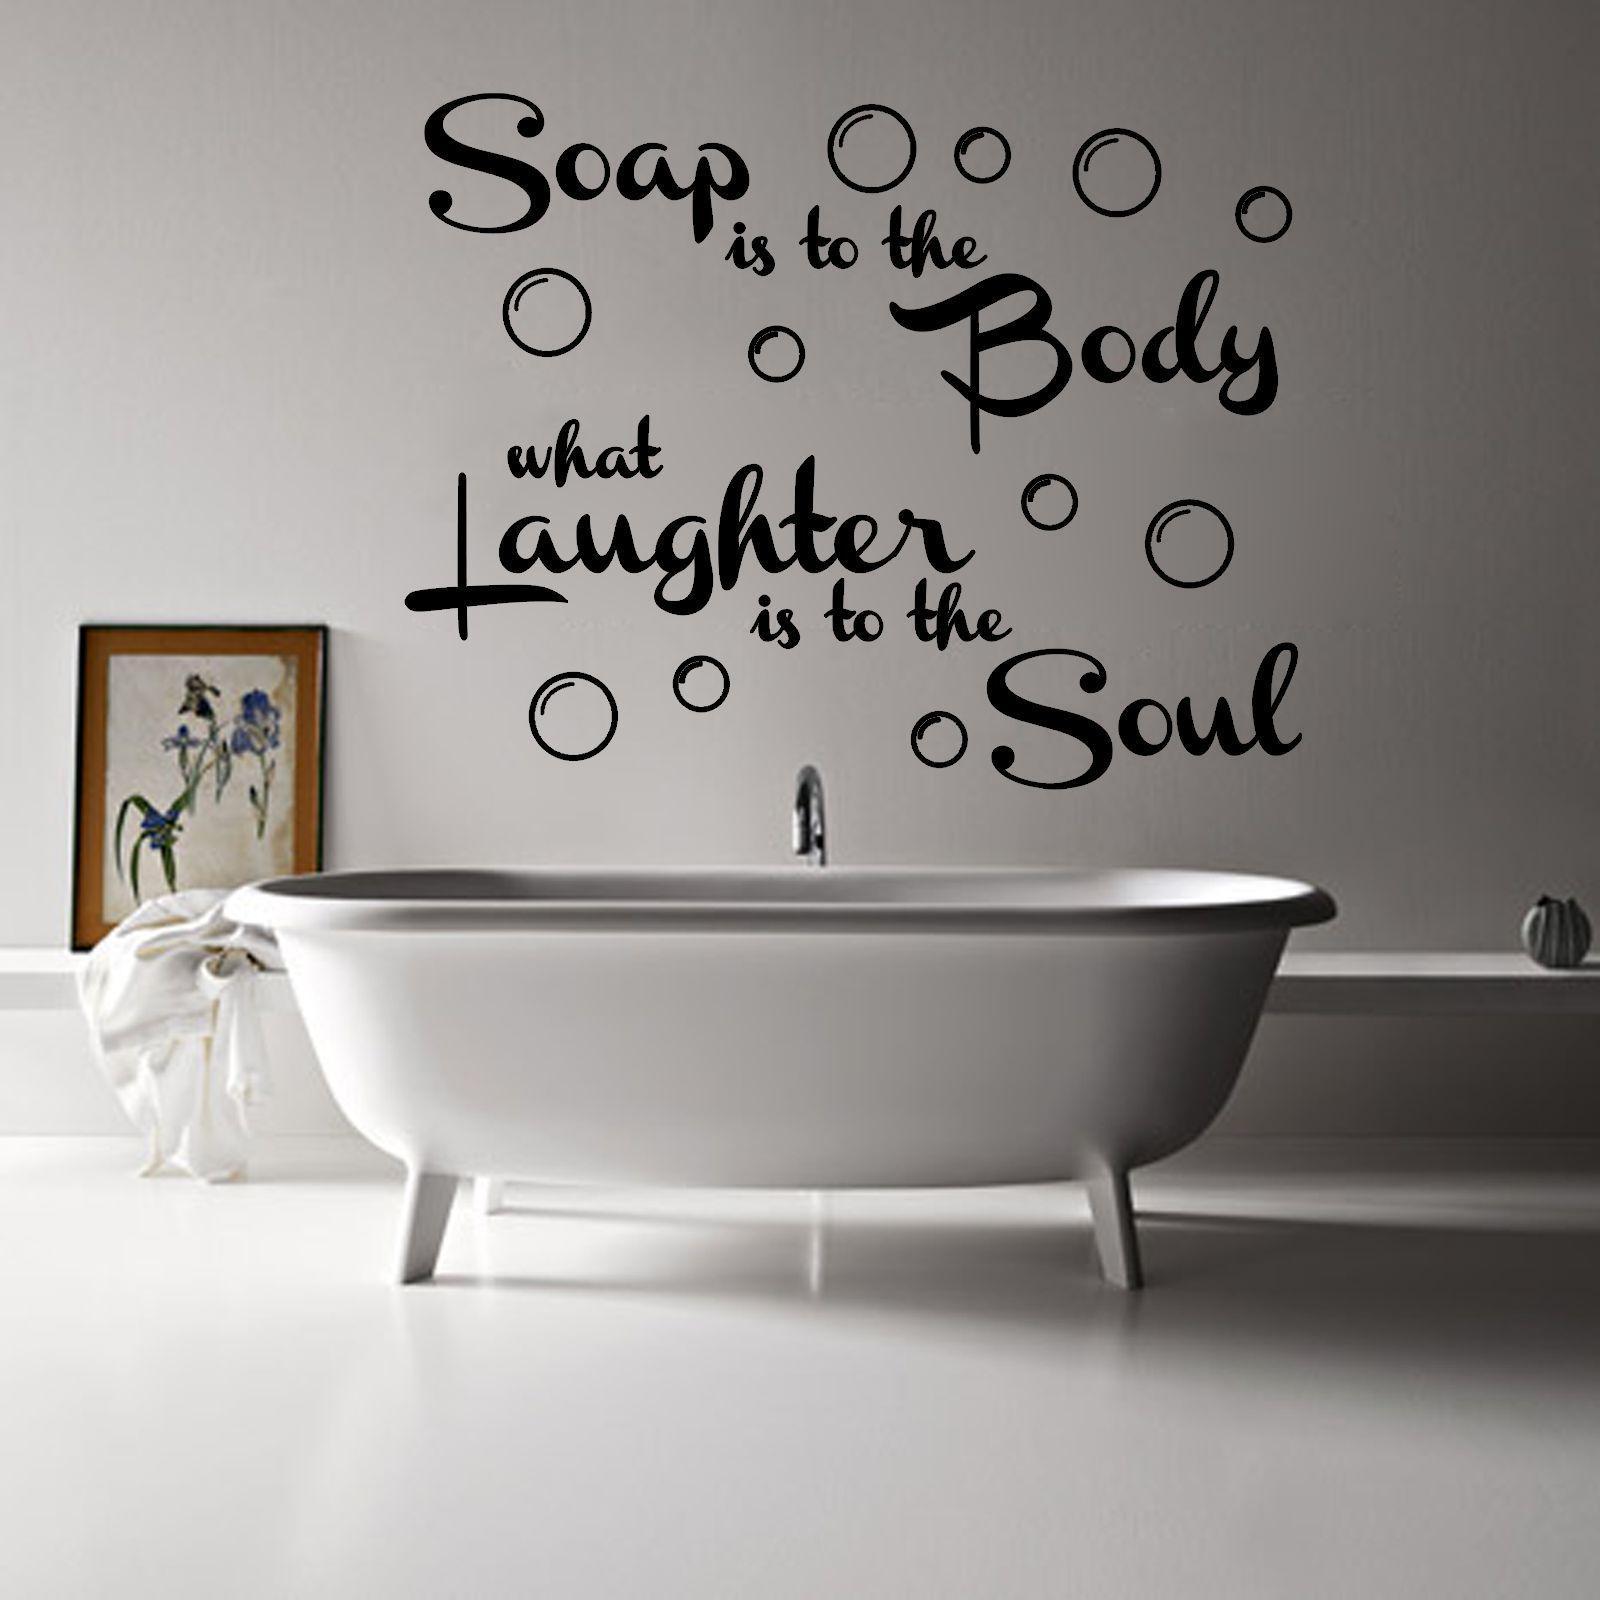 Bathroom wall art quotes makipera home decor